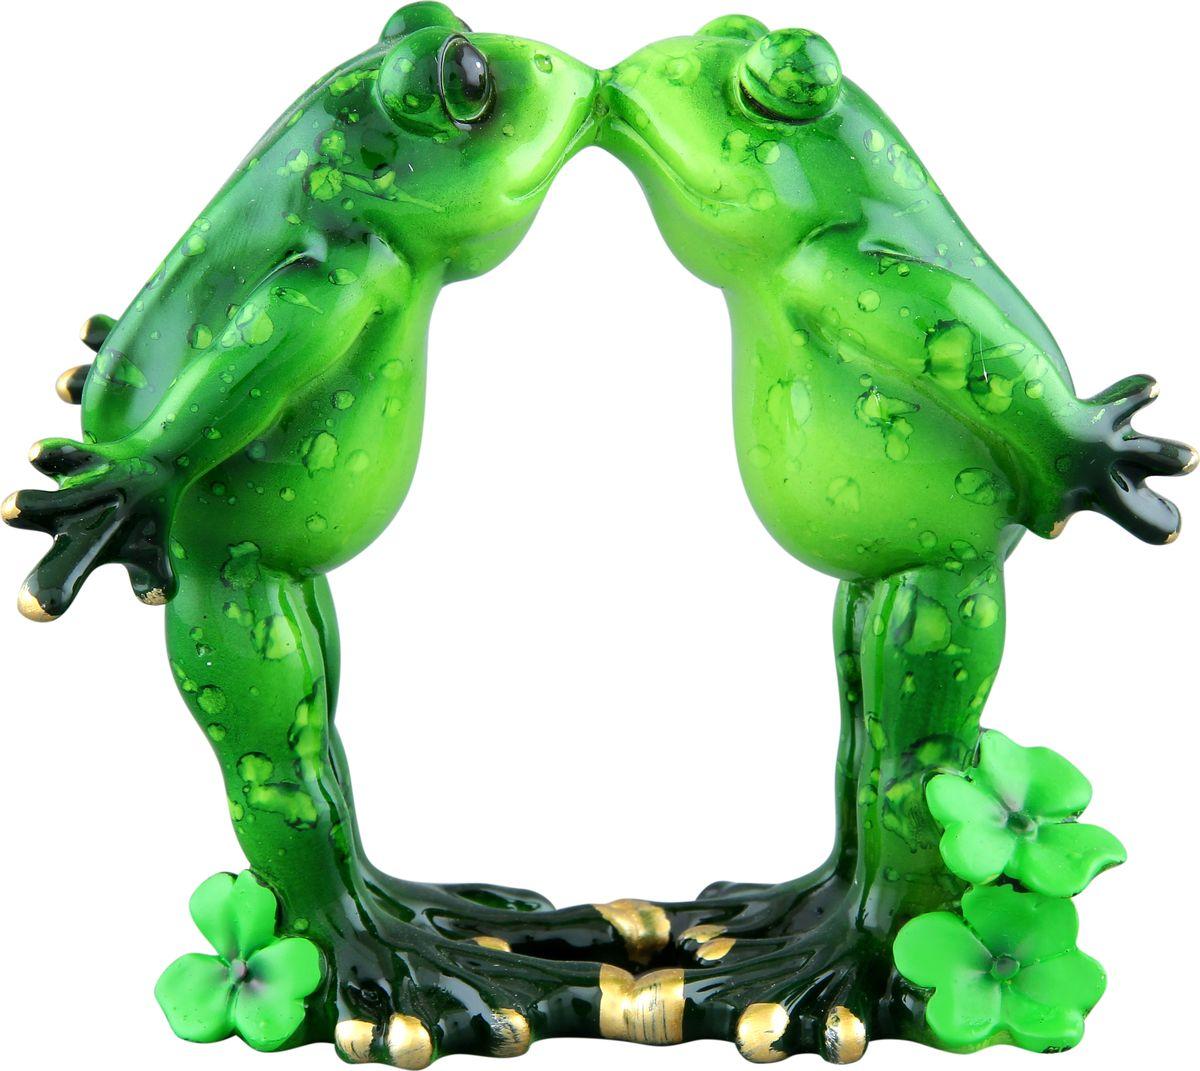 Фигурка декоративная Elan Gallery Влюбленные лягушки, высота 11 см870070Декоративные фигурки - это отличный способ разнообразить внутреннее убранство вашего дома. Декоративная фигурка с изображением лягушек станет прекрасным сувениром, который вызовет улыбку и поднимет настроение.Фигурка выполнена из полистоуна.Размер статуэтки: 12,5 х 6,8 х 11 см.